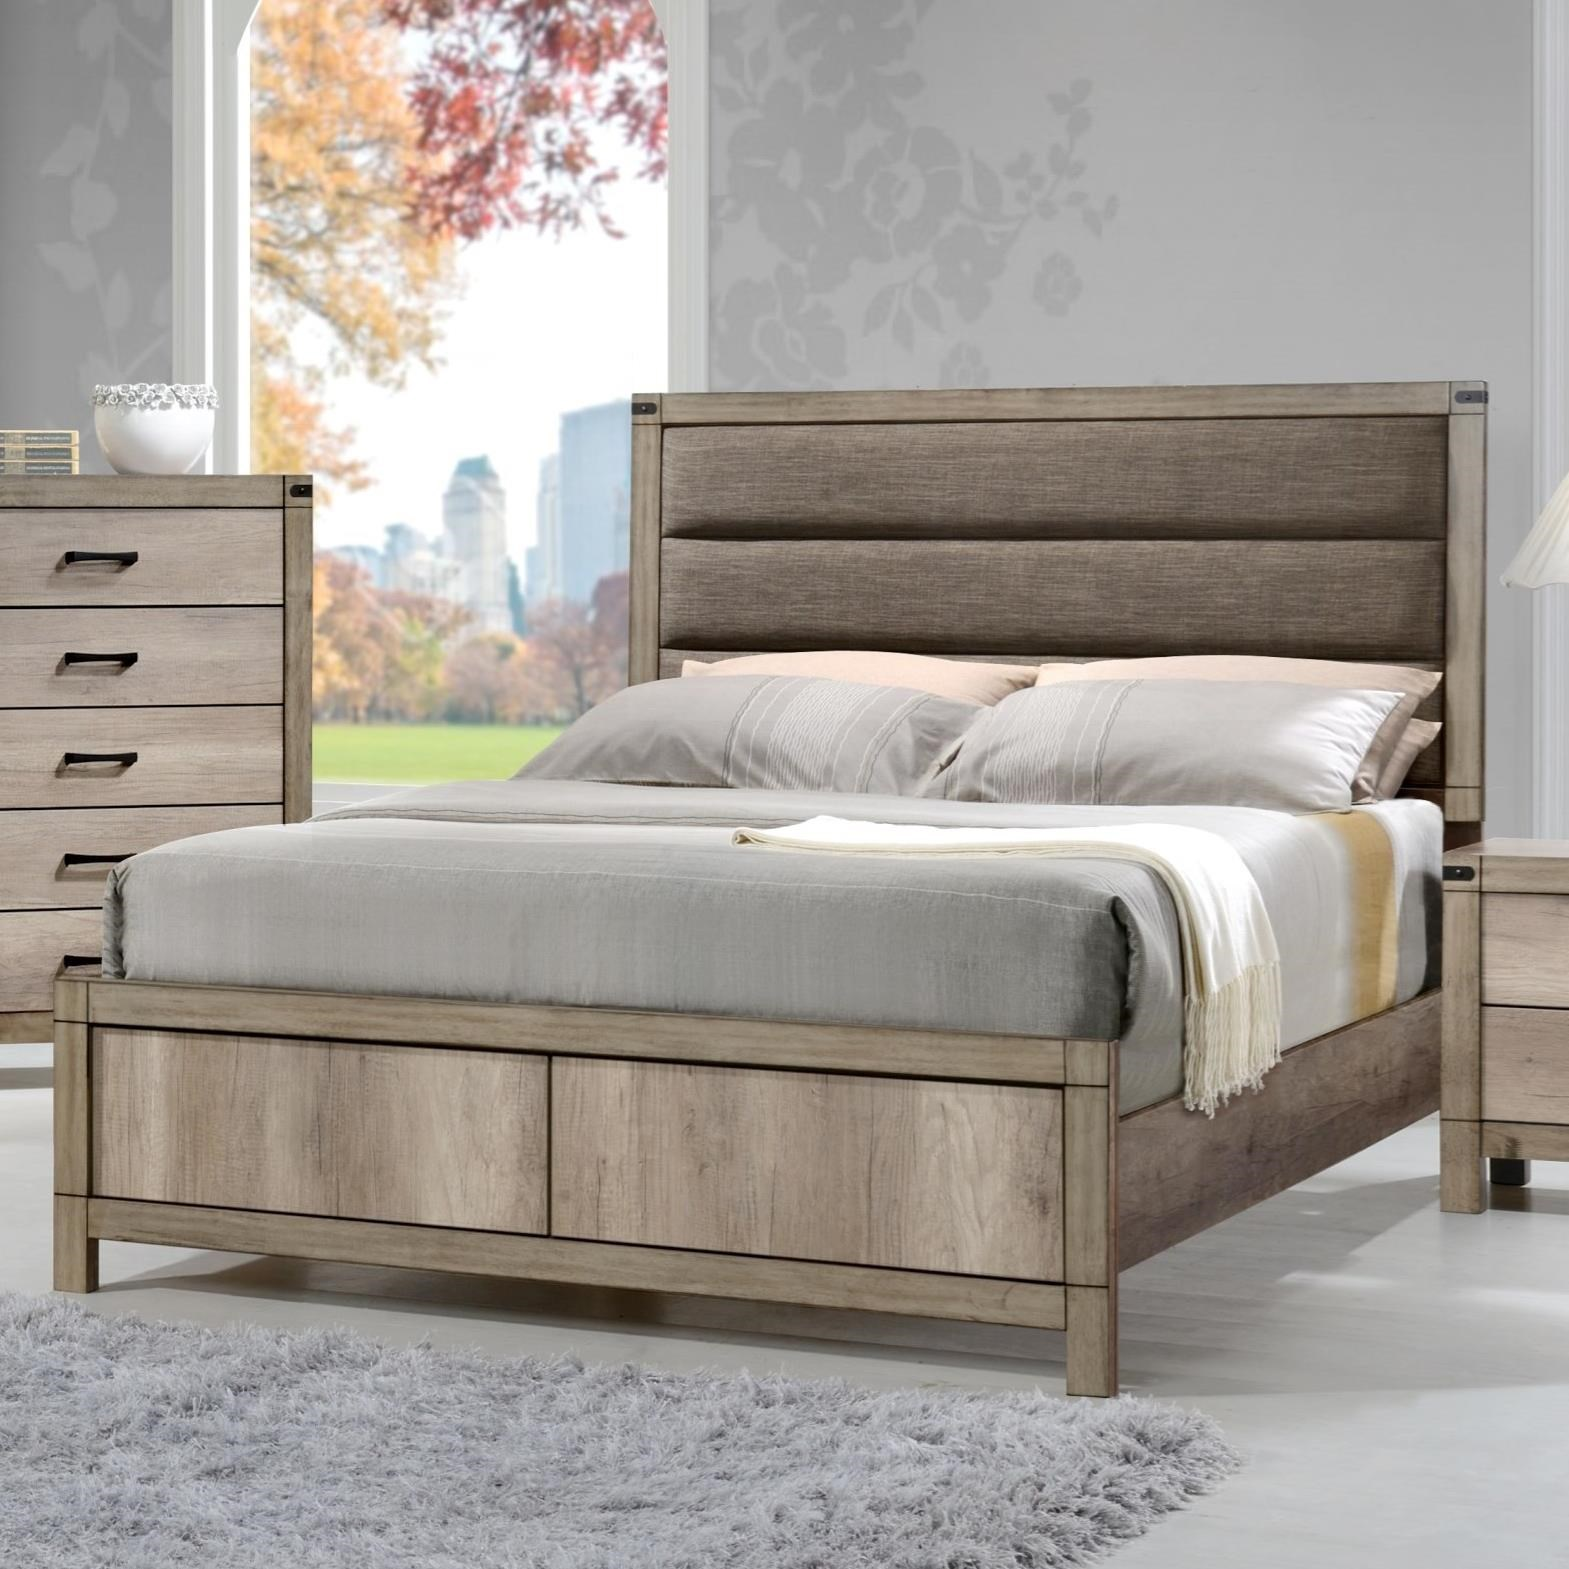 crown mark matteo king upholstered low profile bed royal furniture platform beds low profile. Black Bedroom Furniture Sets. Home Design Ideas